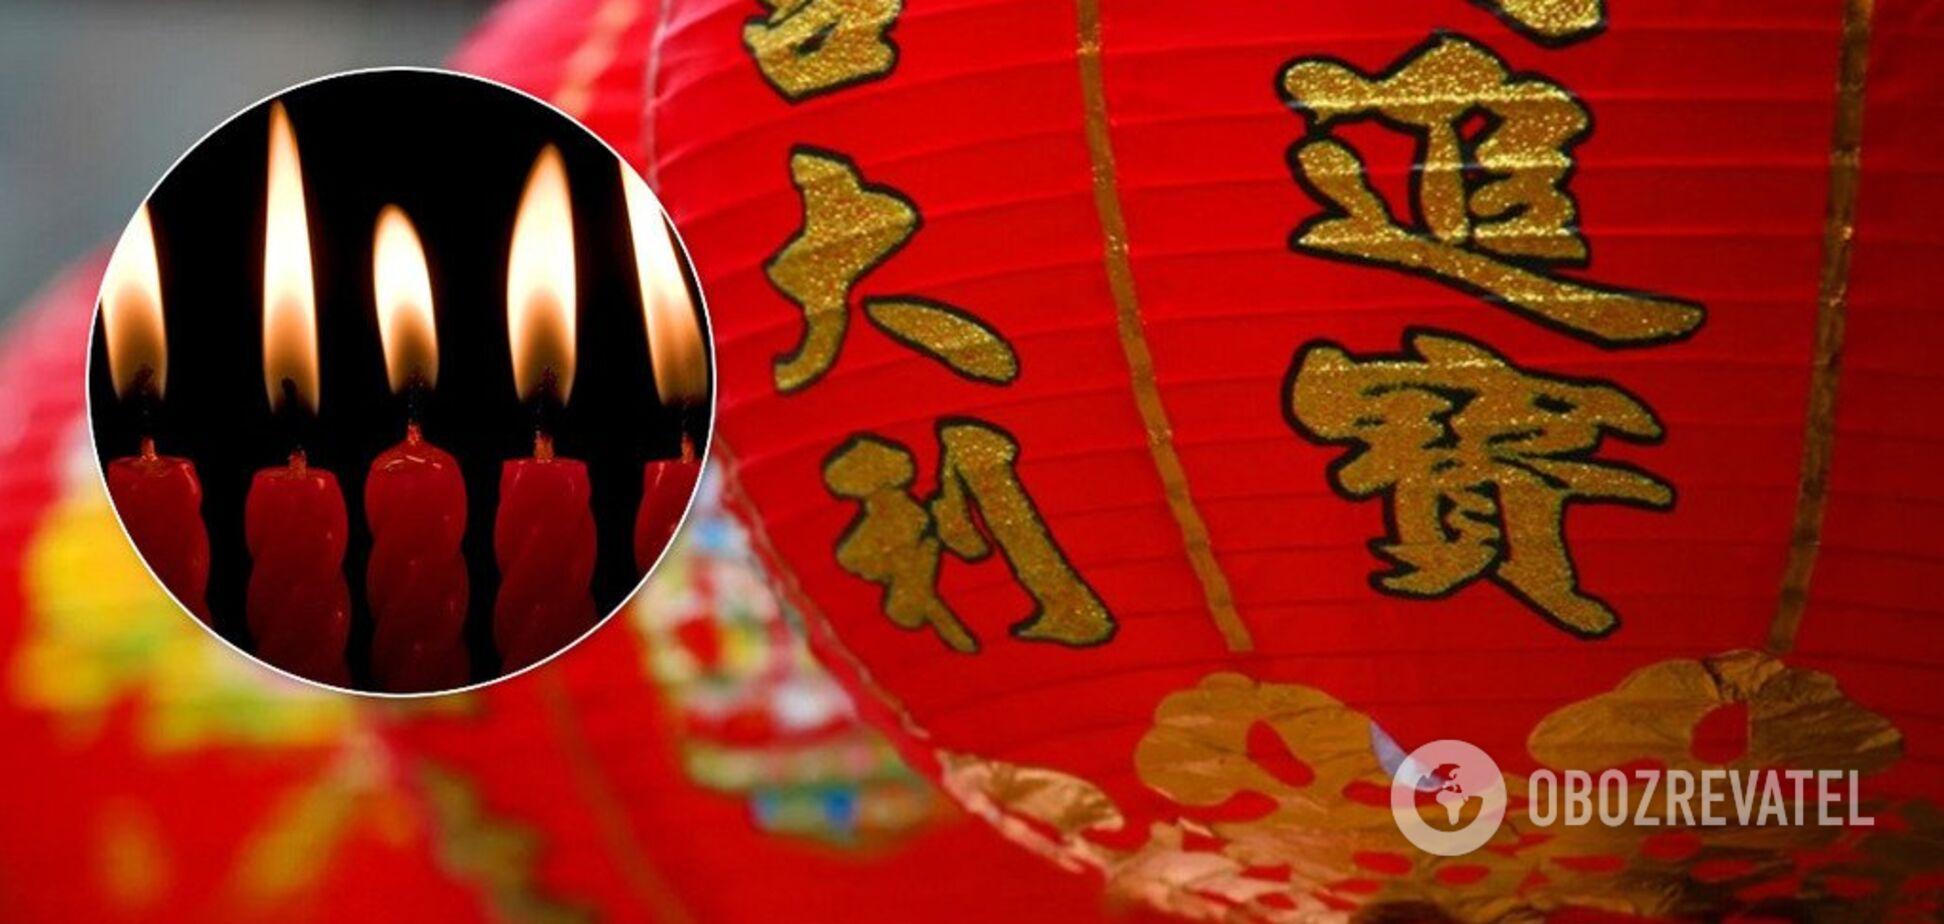 8 монет, 8 мандаринів, 8 свічок: озвучений грошовий ритуал на Новий рік Щура